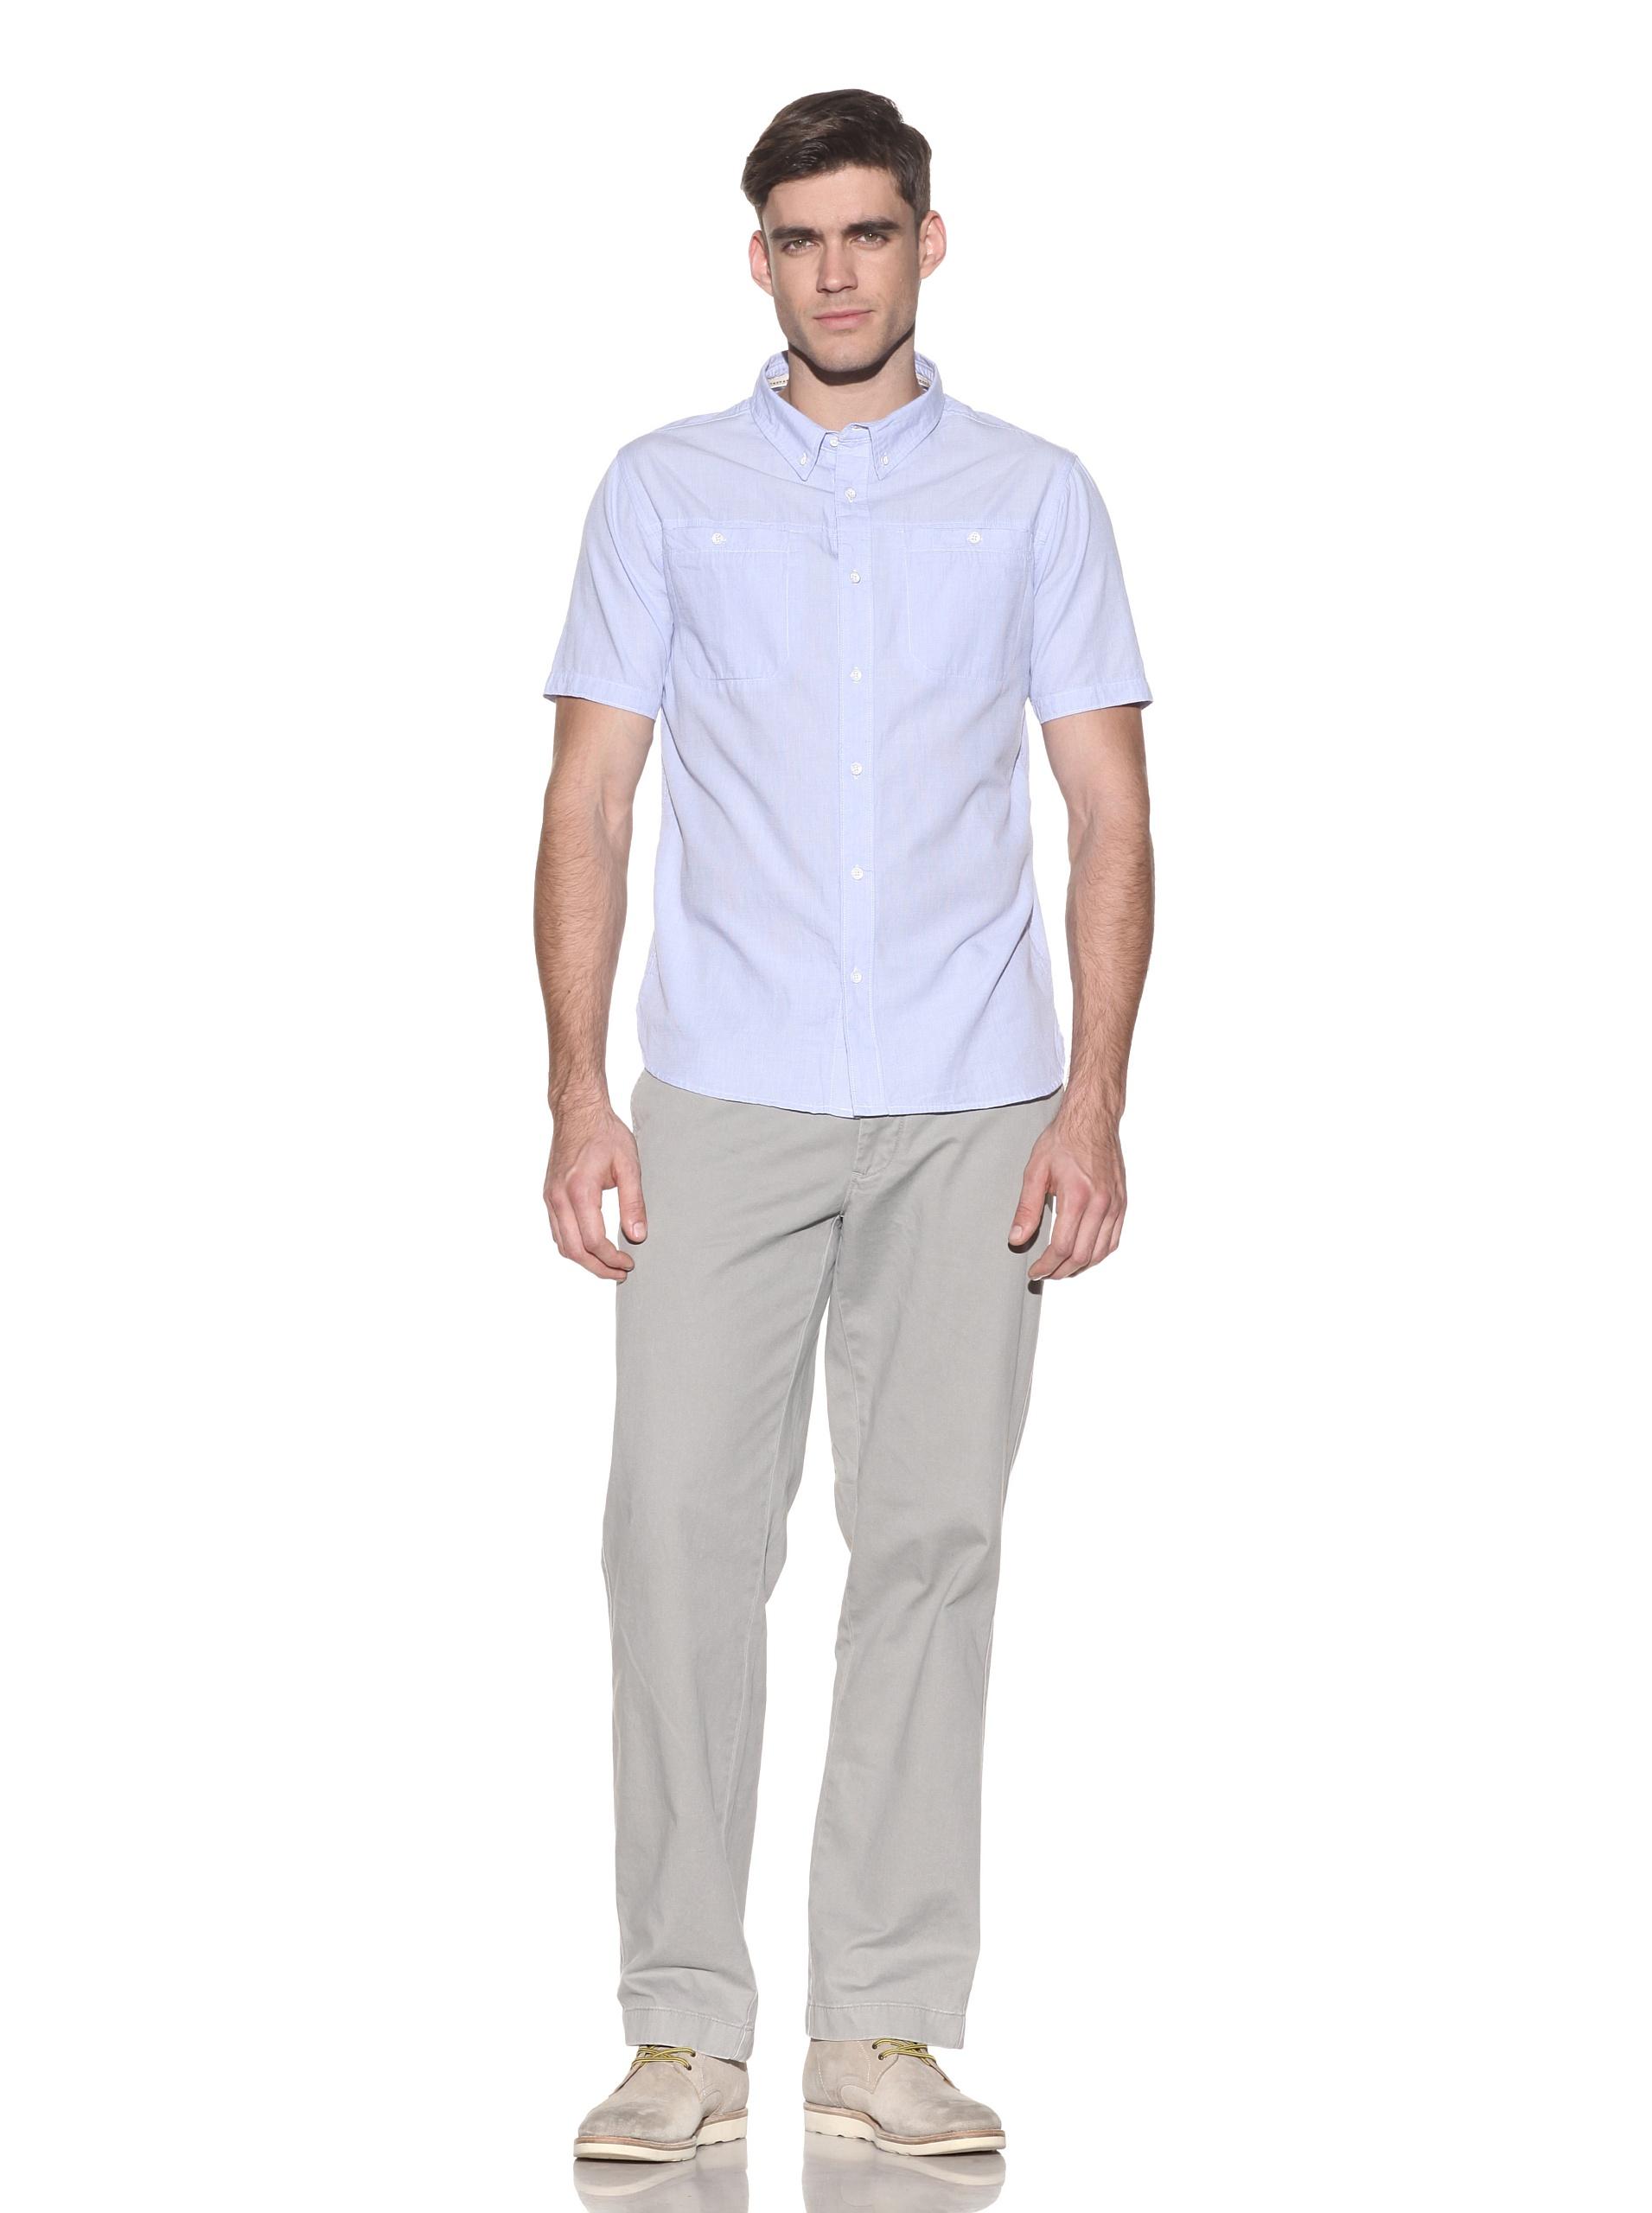 nüco Men's Short Sleeve Woven Chambray Shirt (Light Blue)